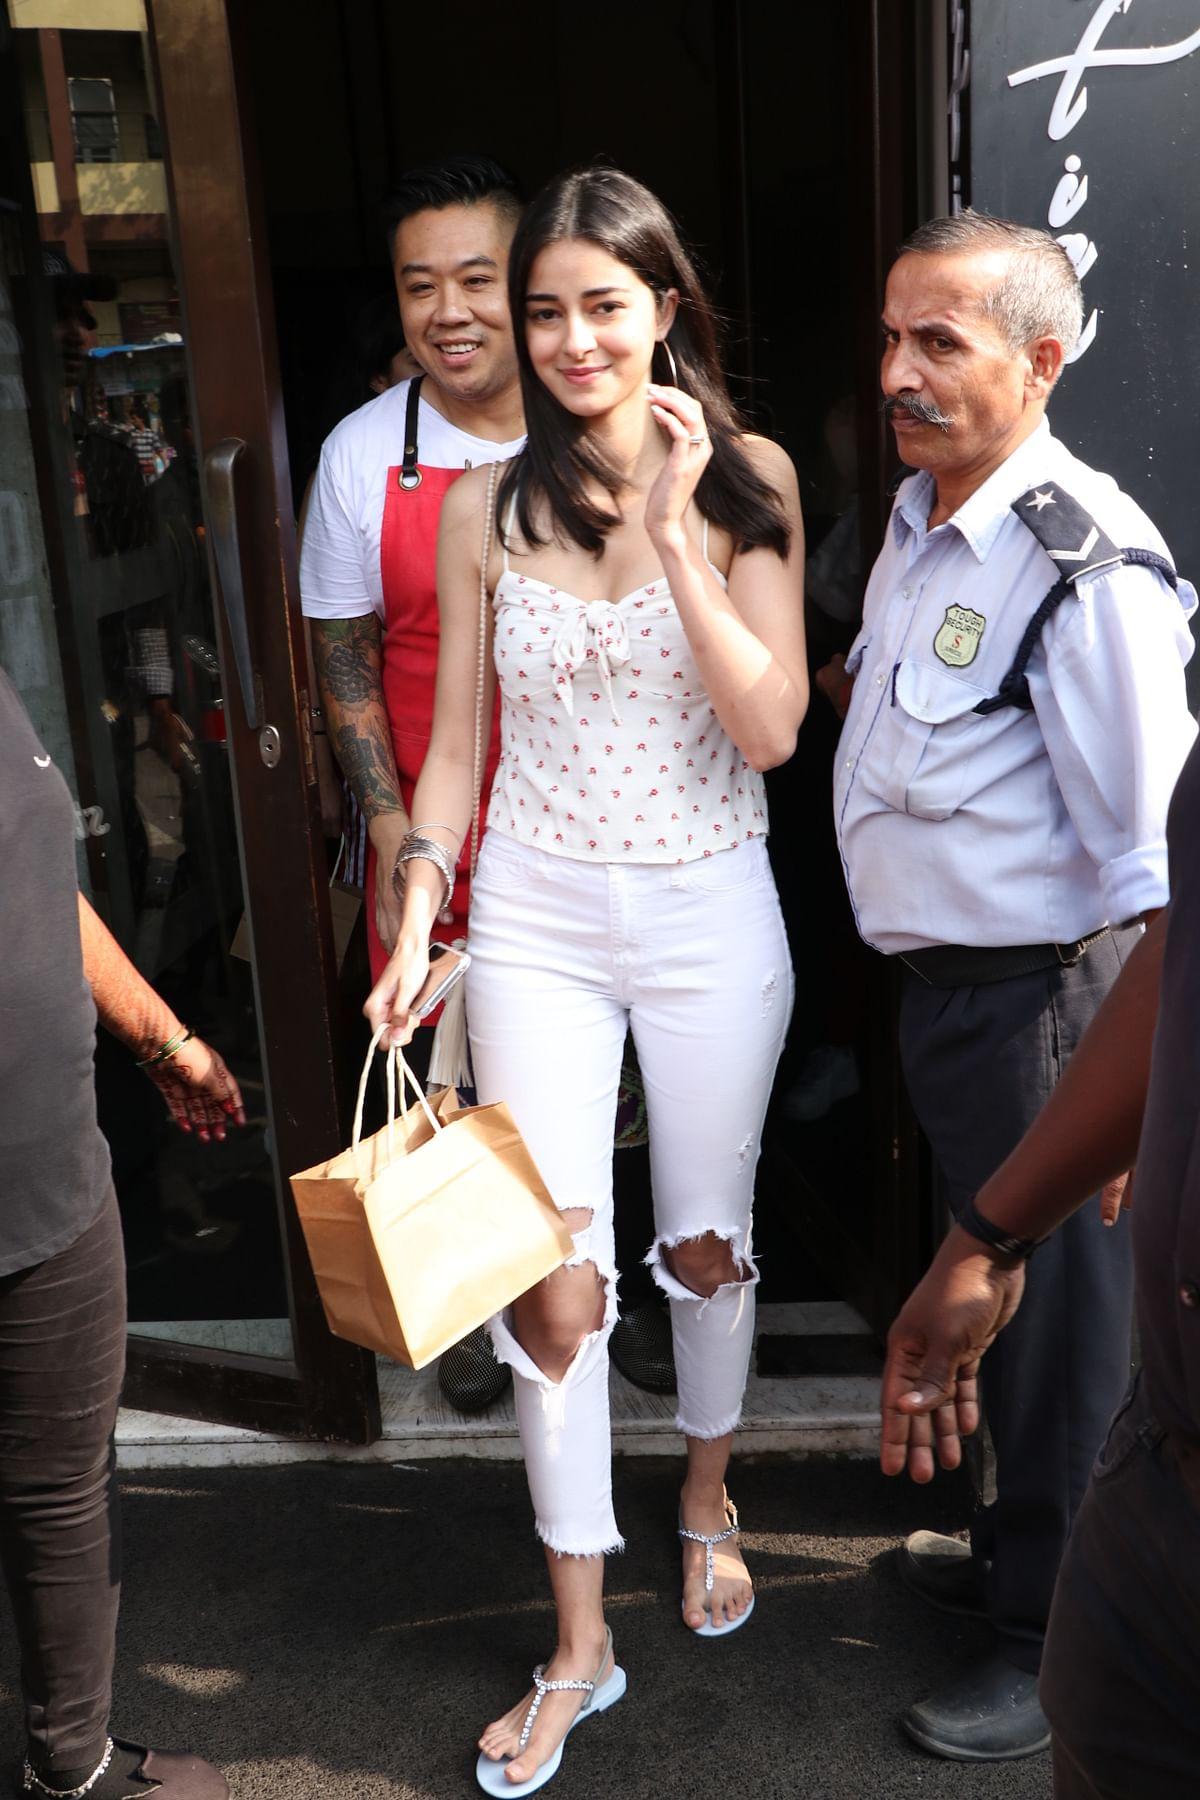 The young generation of Bollywood Ananya Panday, Khushi Kapoor, Shanaya Kapoor enjoyed Sunday lunch at Bastian in Bandra.